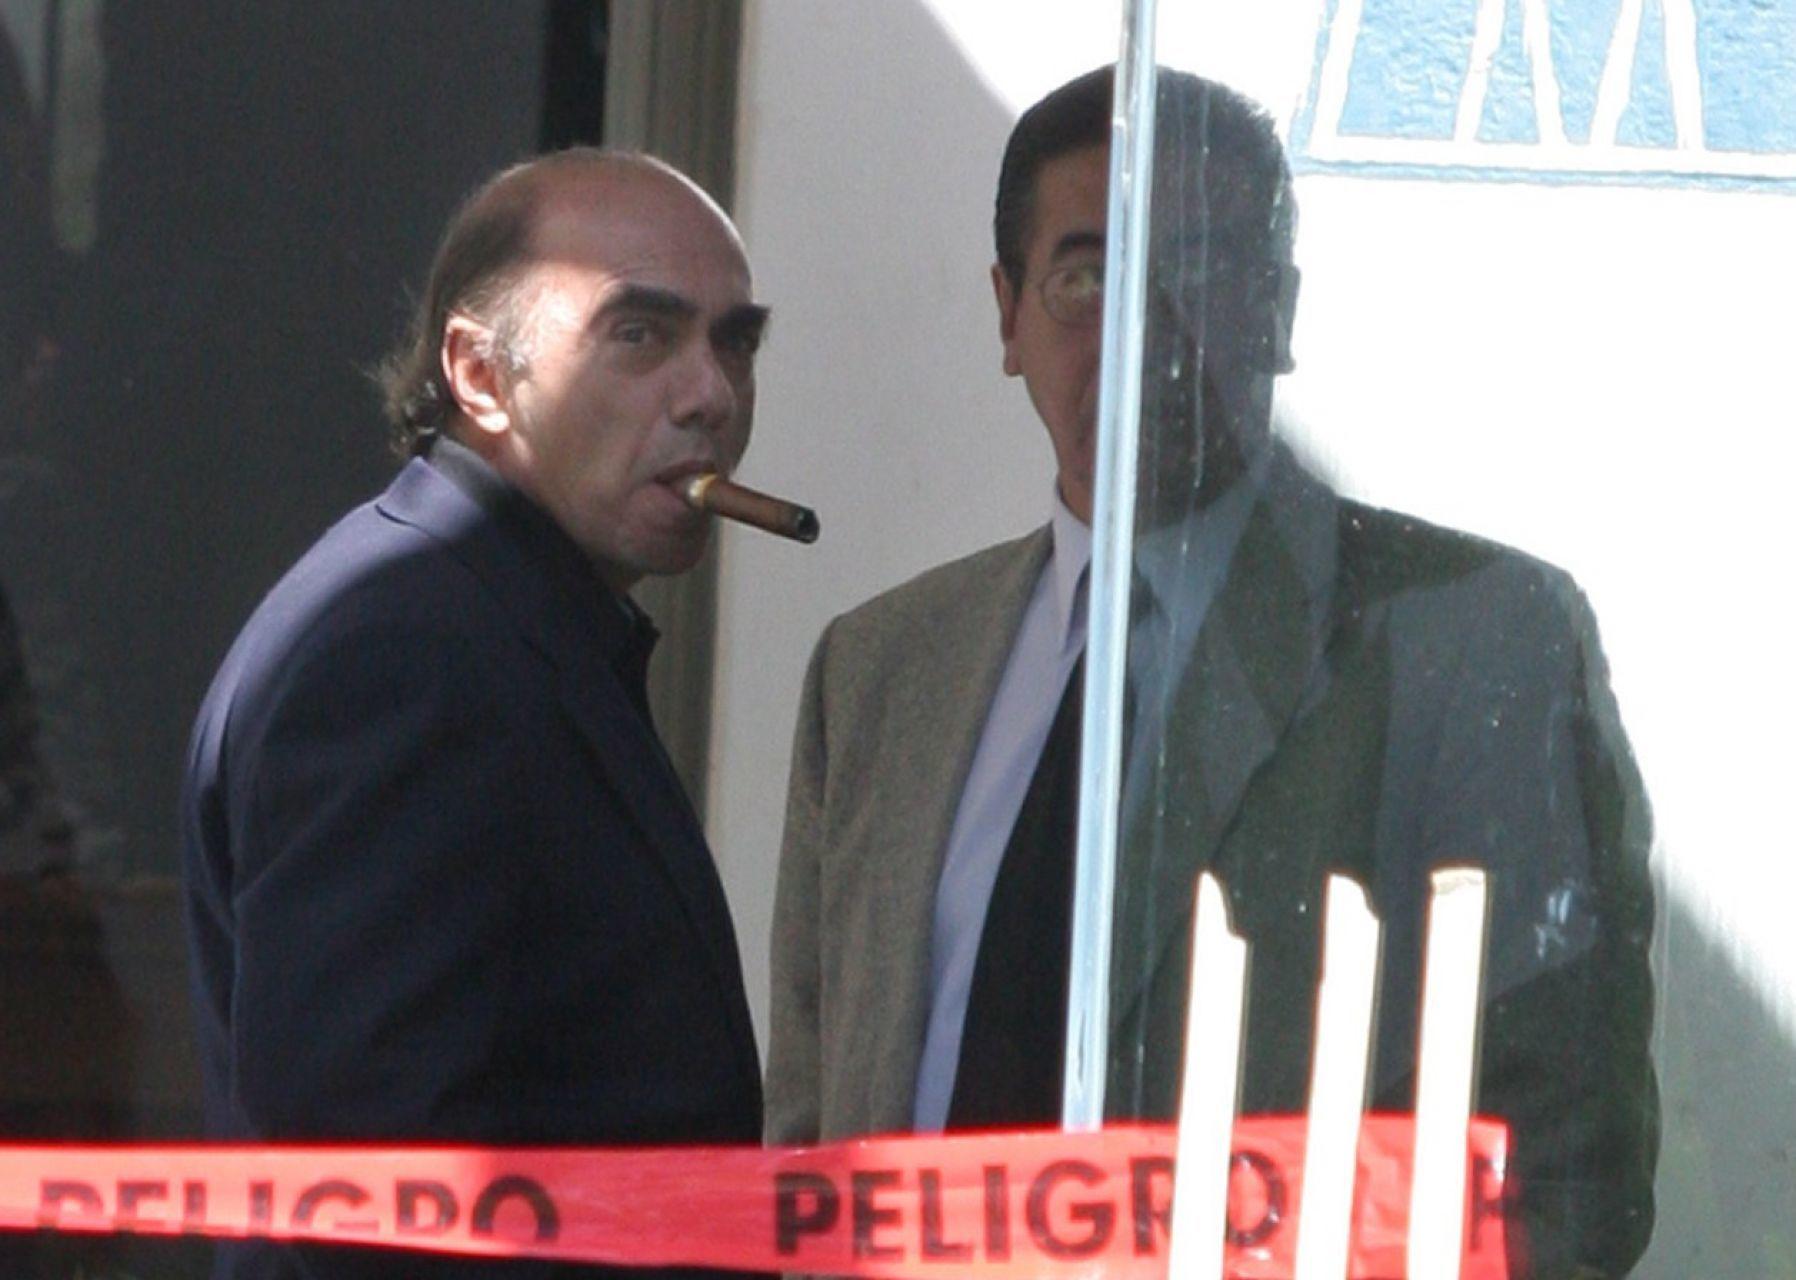 FGR tiene ubicado en Líbano a Kamel Nacif y busca su extradición